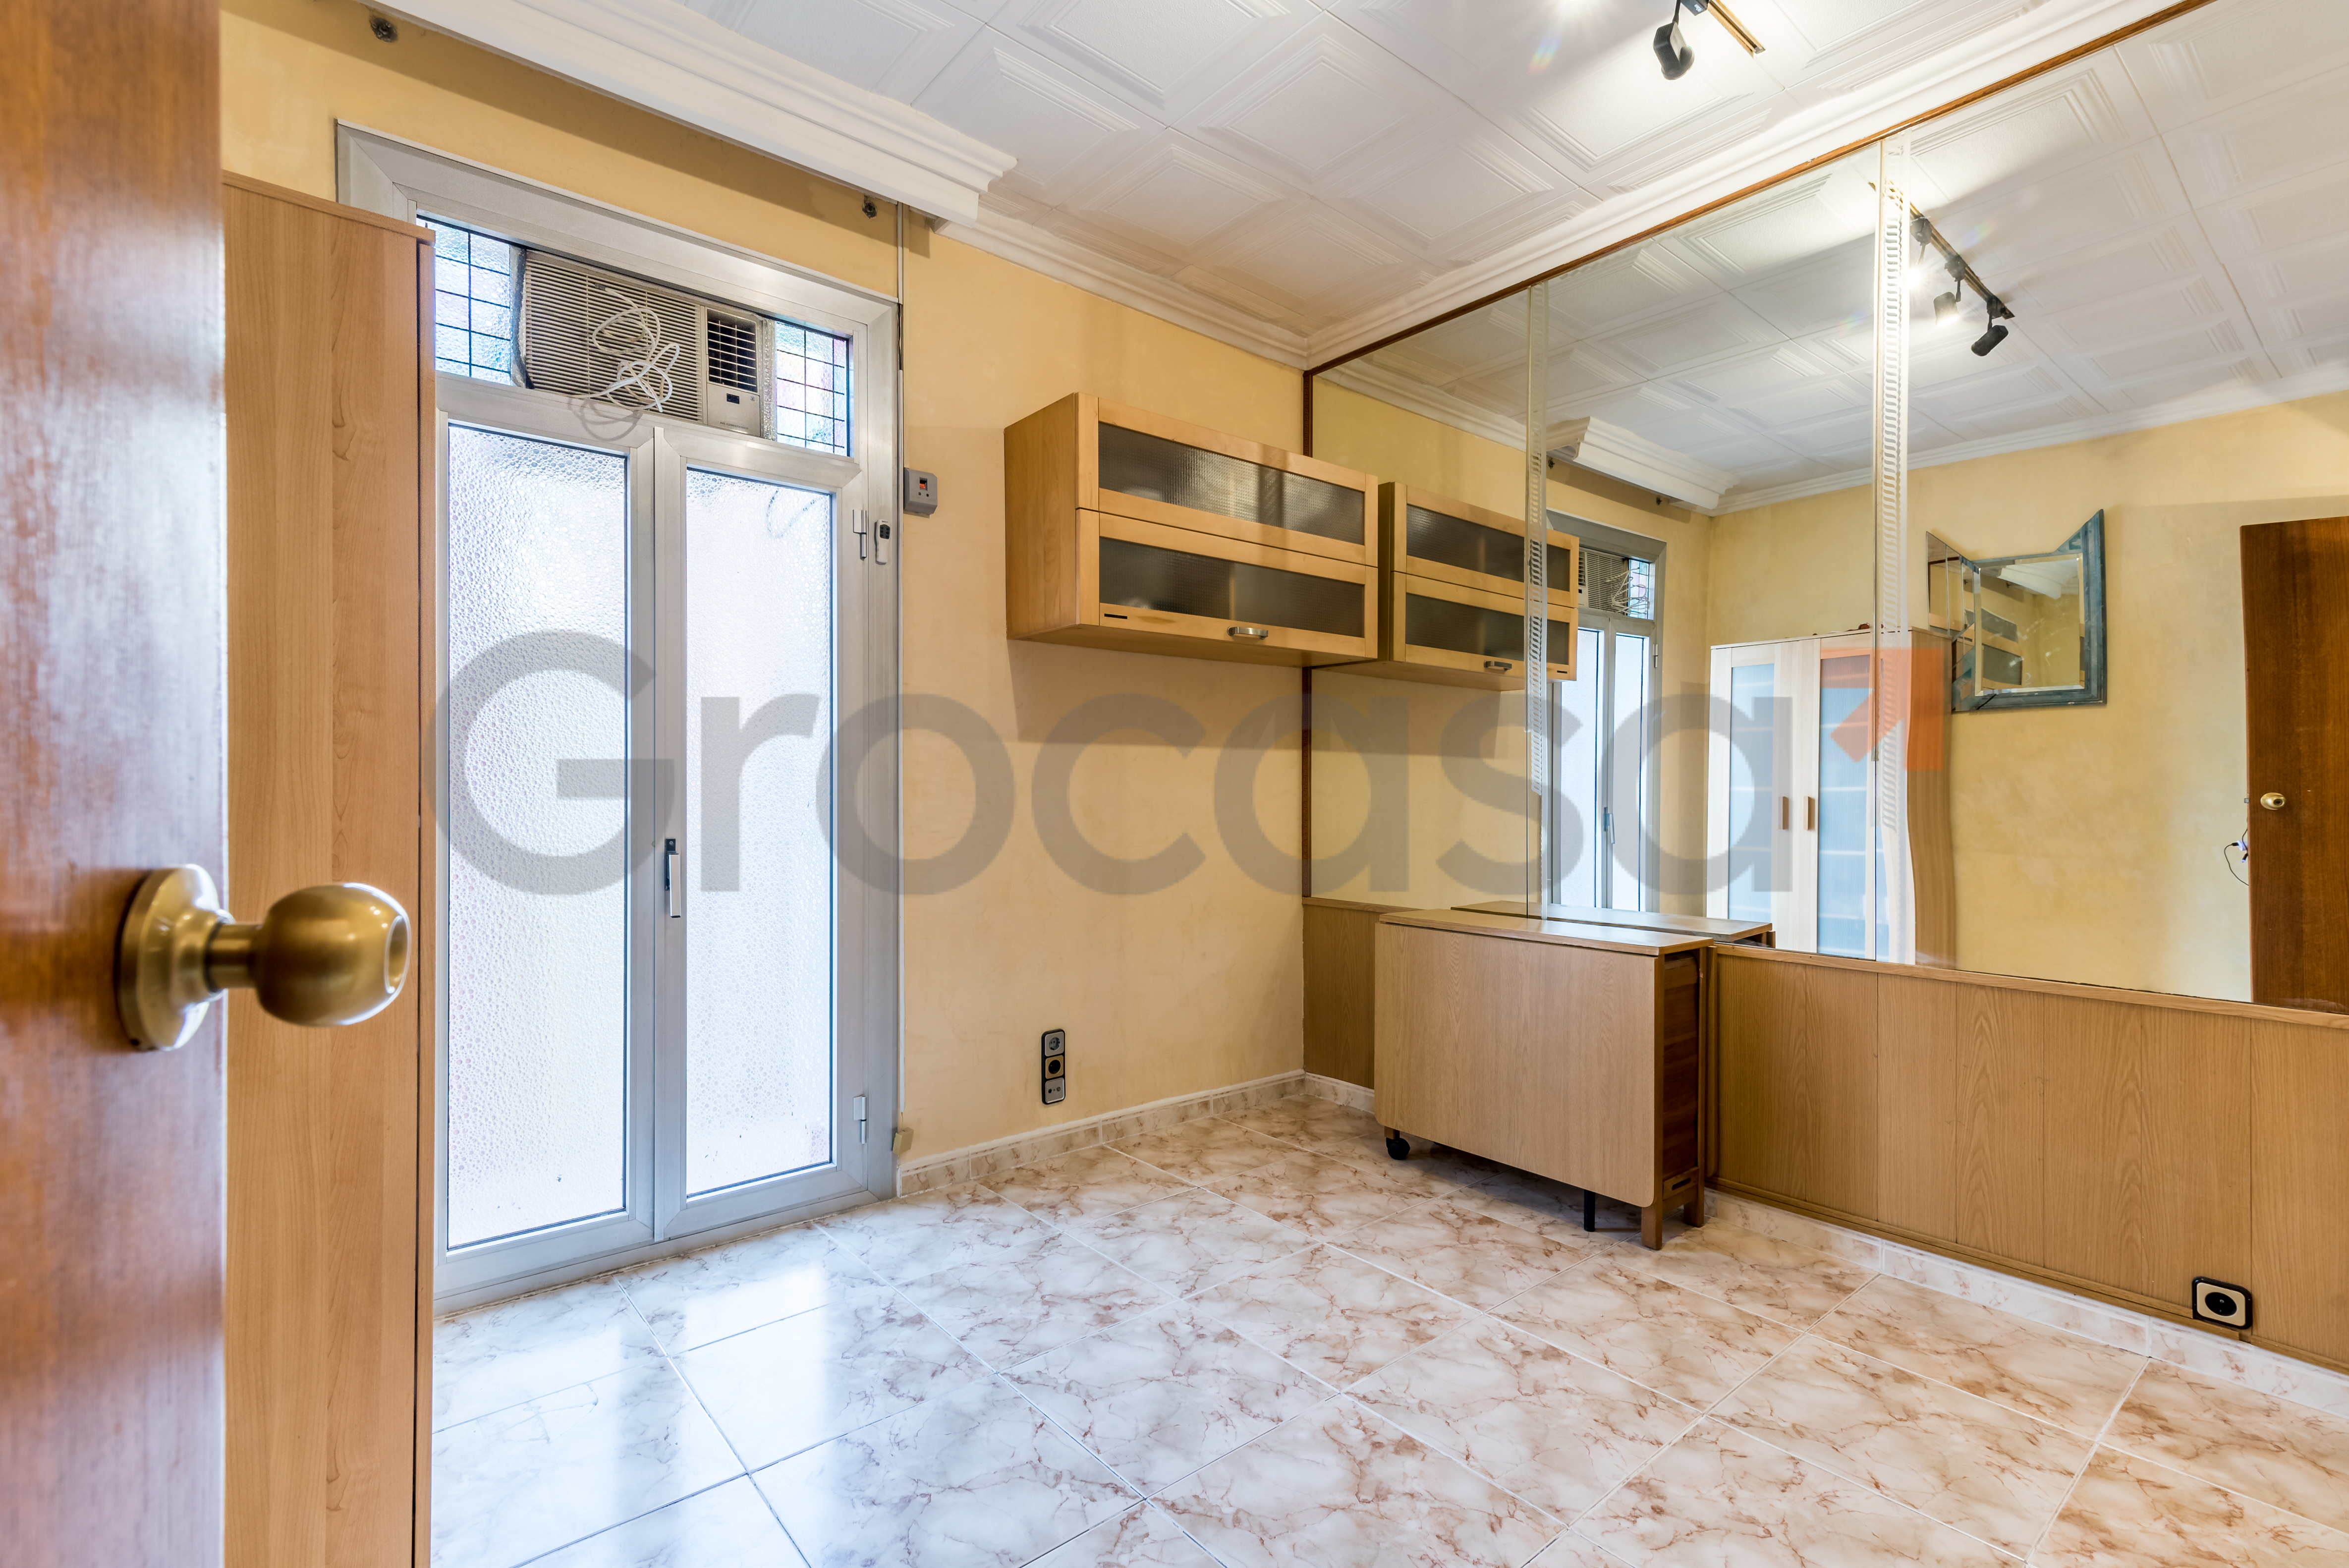 Piso en Collblanc en L'Hospitalet de llobregat en Venta por 99.900€